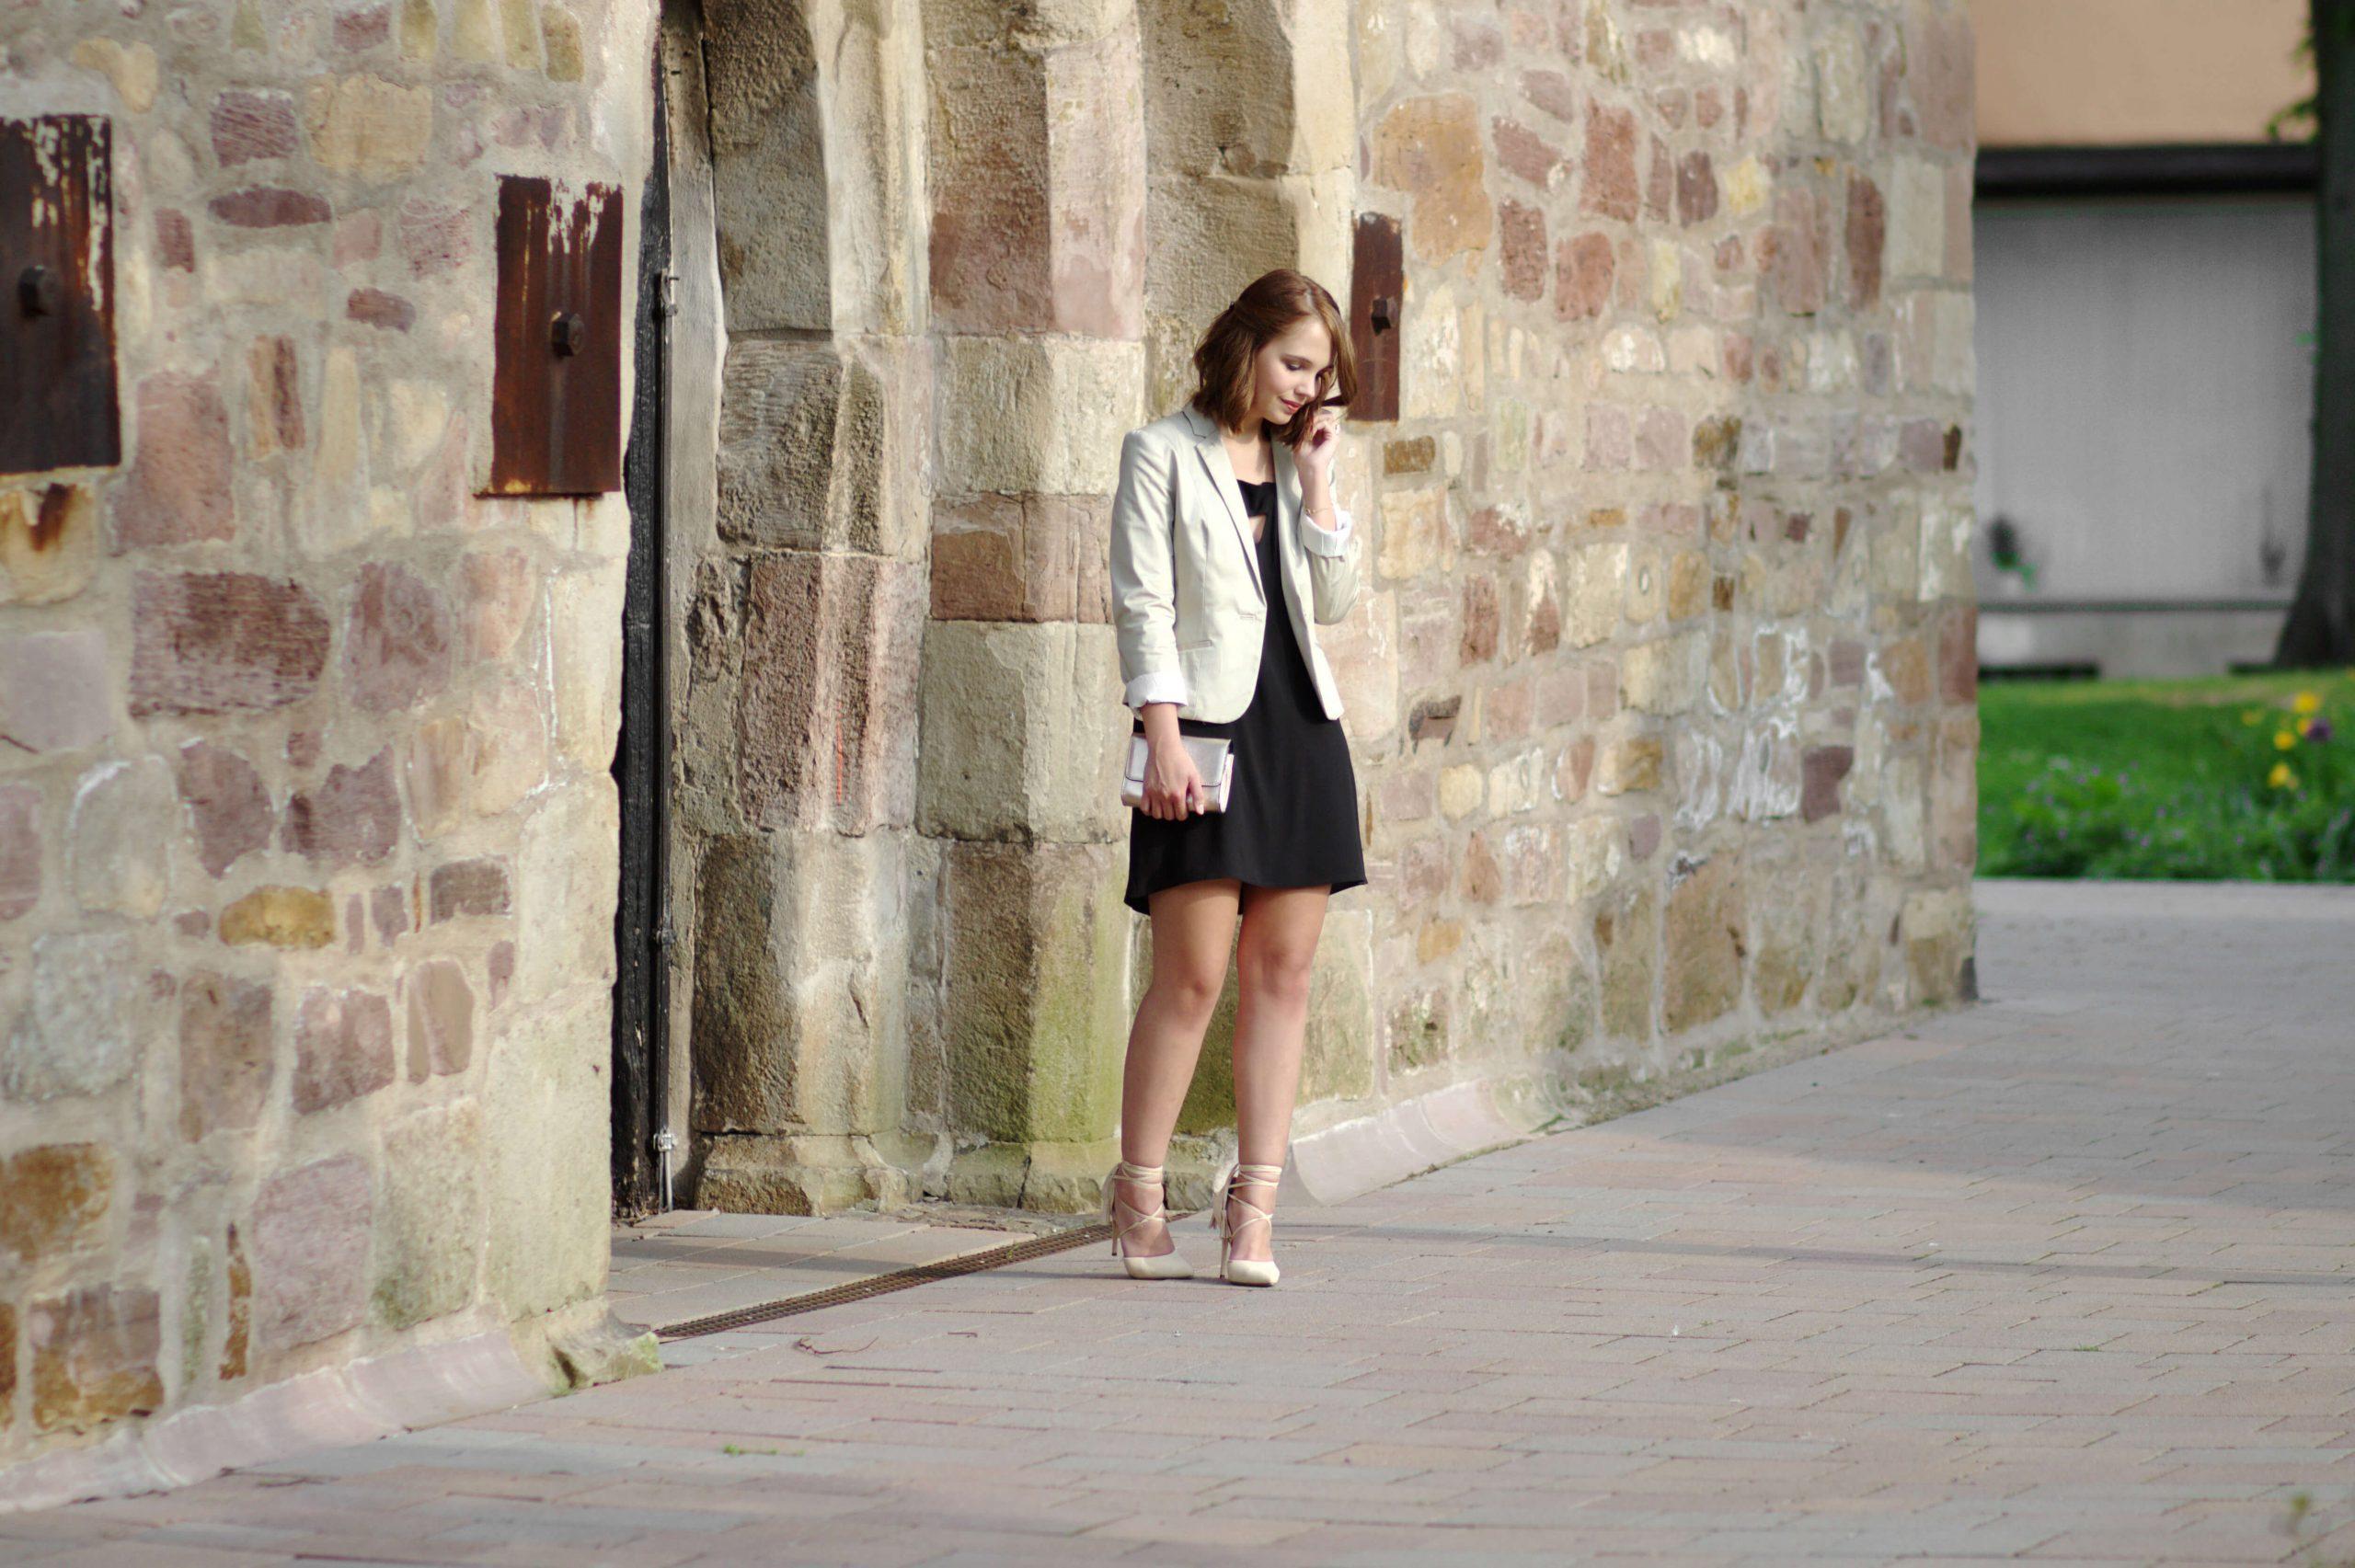 20 Luxus Schwarzes Kleid Zur Hochzeit VertriebFormal Großartig Schwarzes Kleid Zur Hochzeit Design